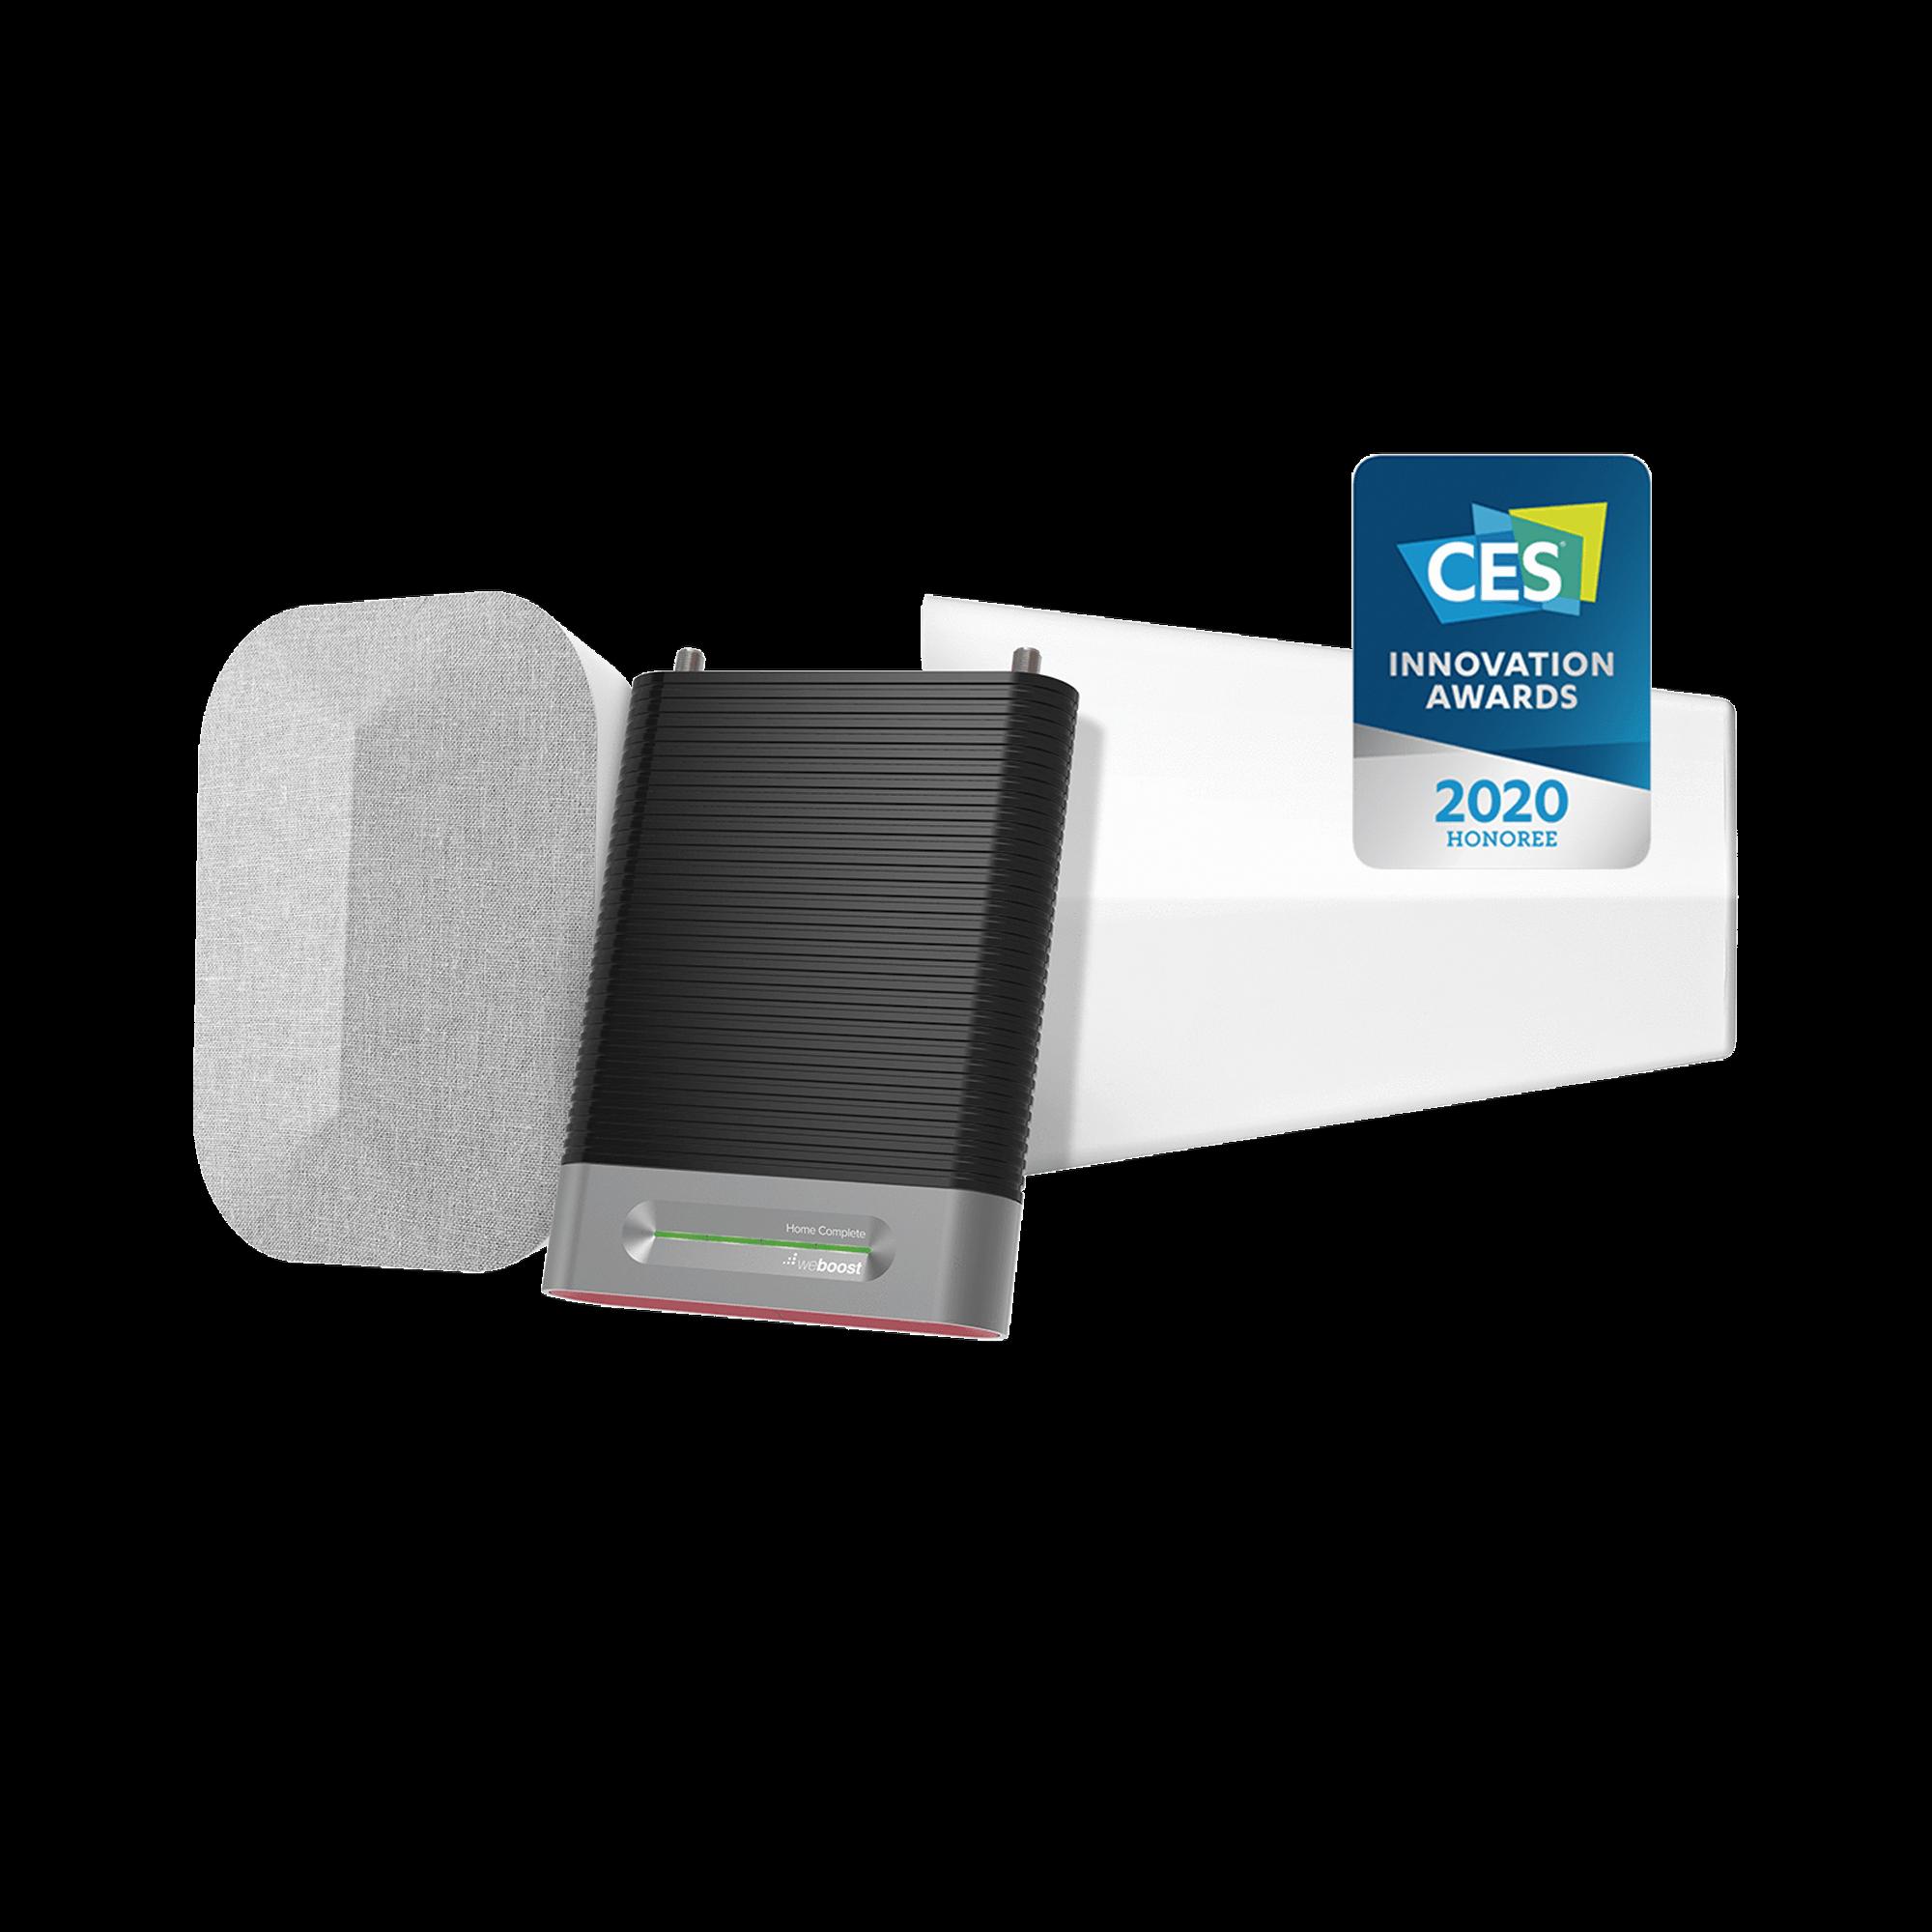 KIT Amplificador de Señal Celular, HOME COMPLETE | Mejora la Señal Celular de todos los Operadores | Cubre áreas de hasta 2780 metros cuadrados